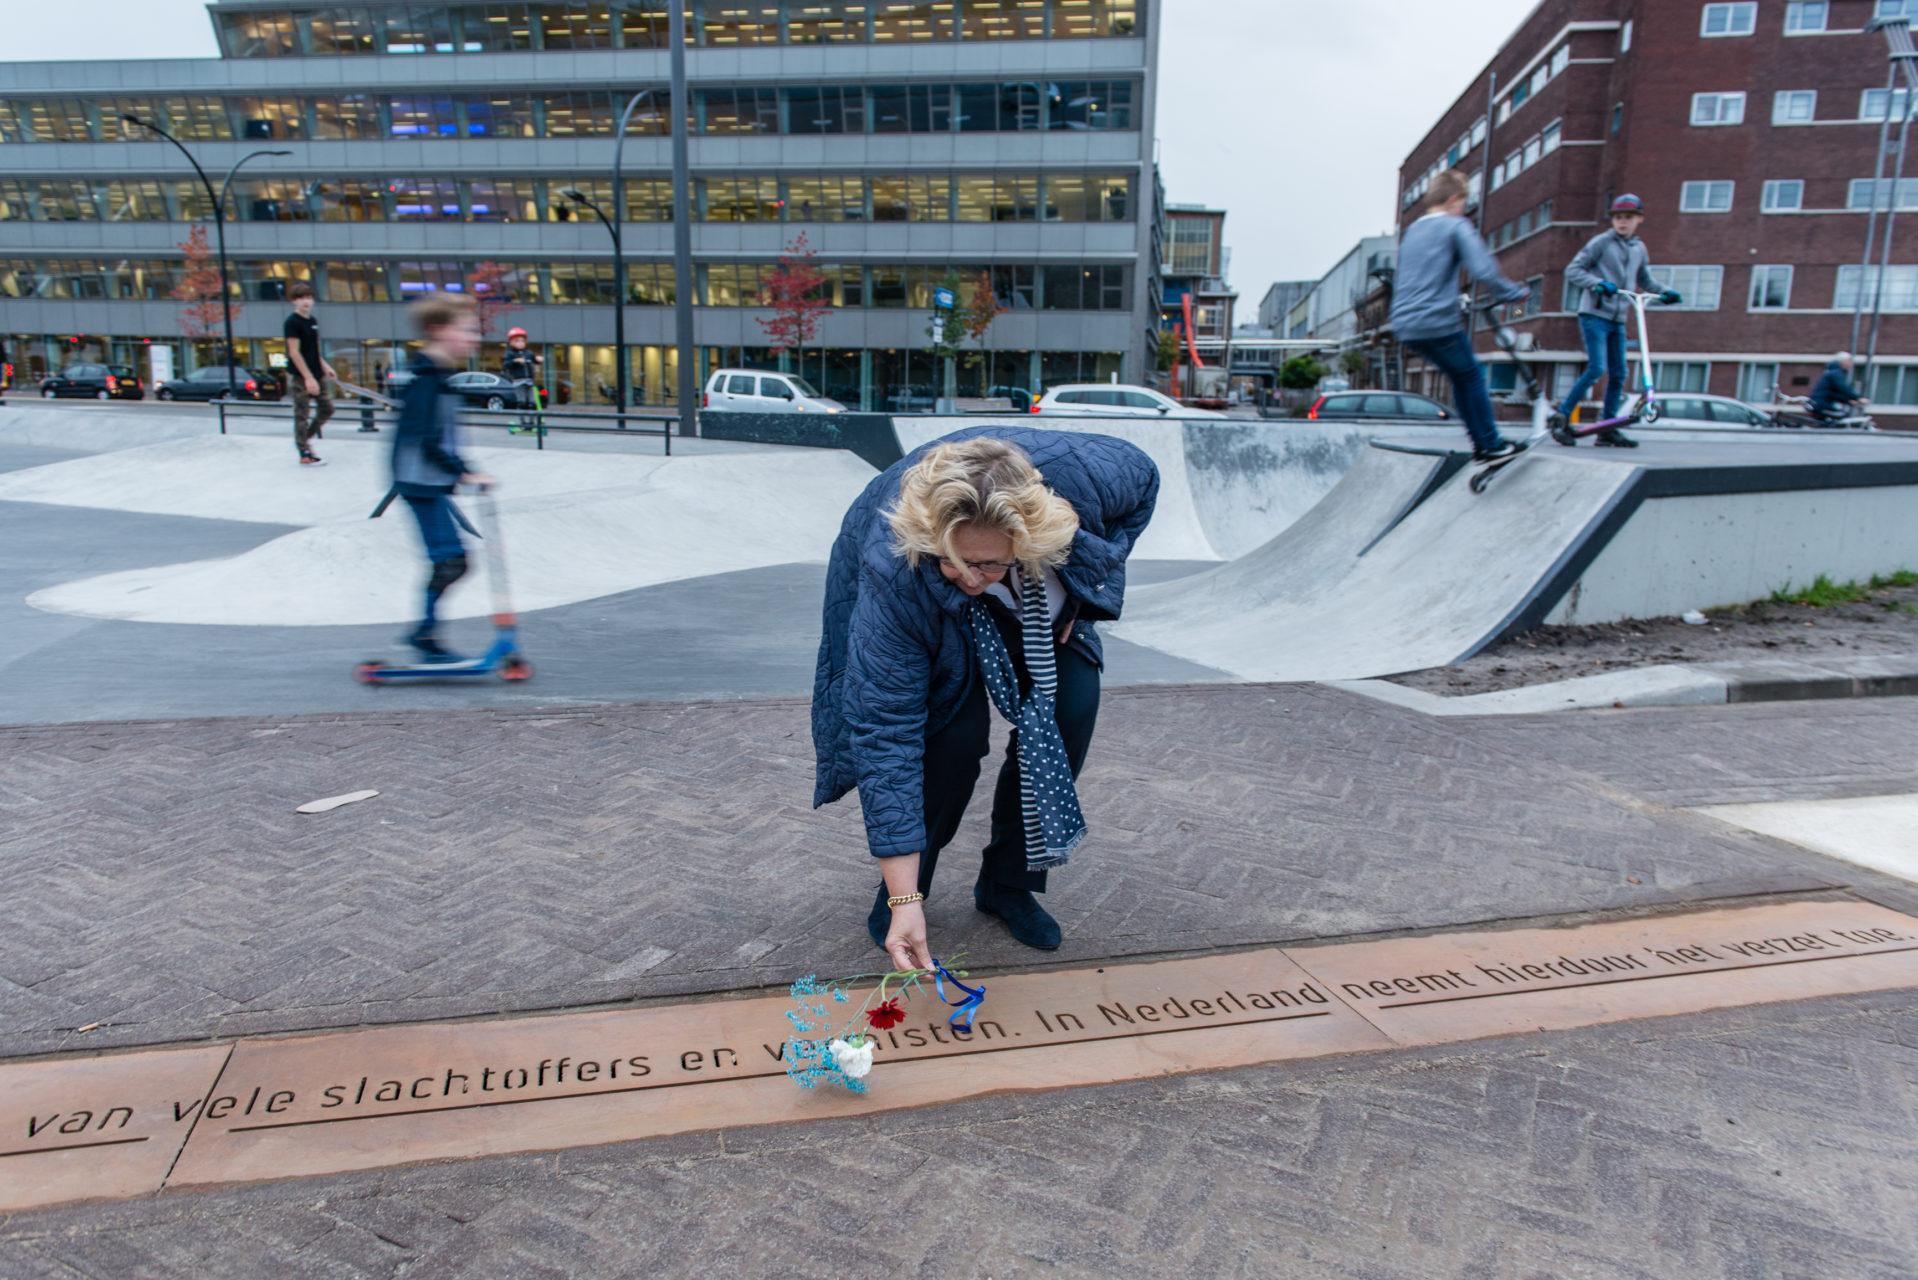 Onthulling monument april - mei staking, Hengelo